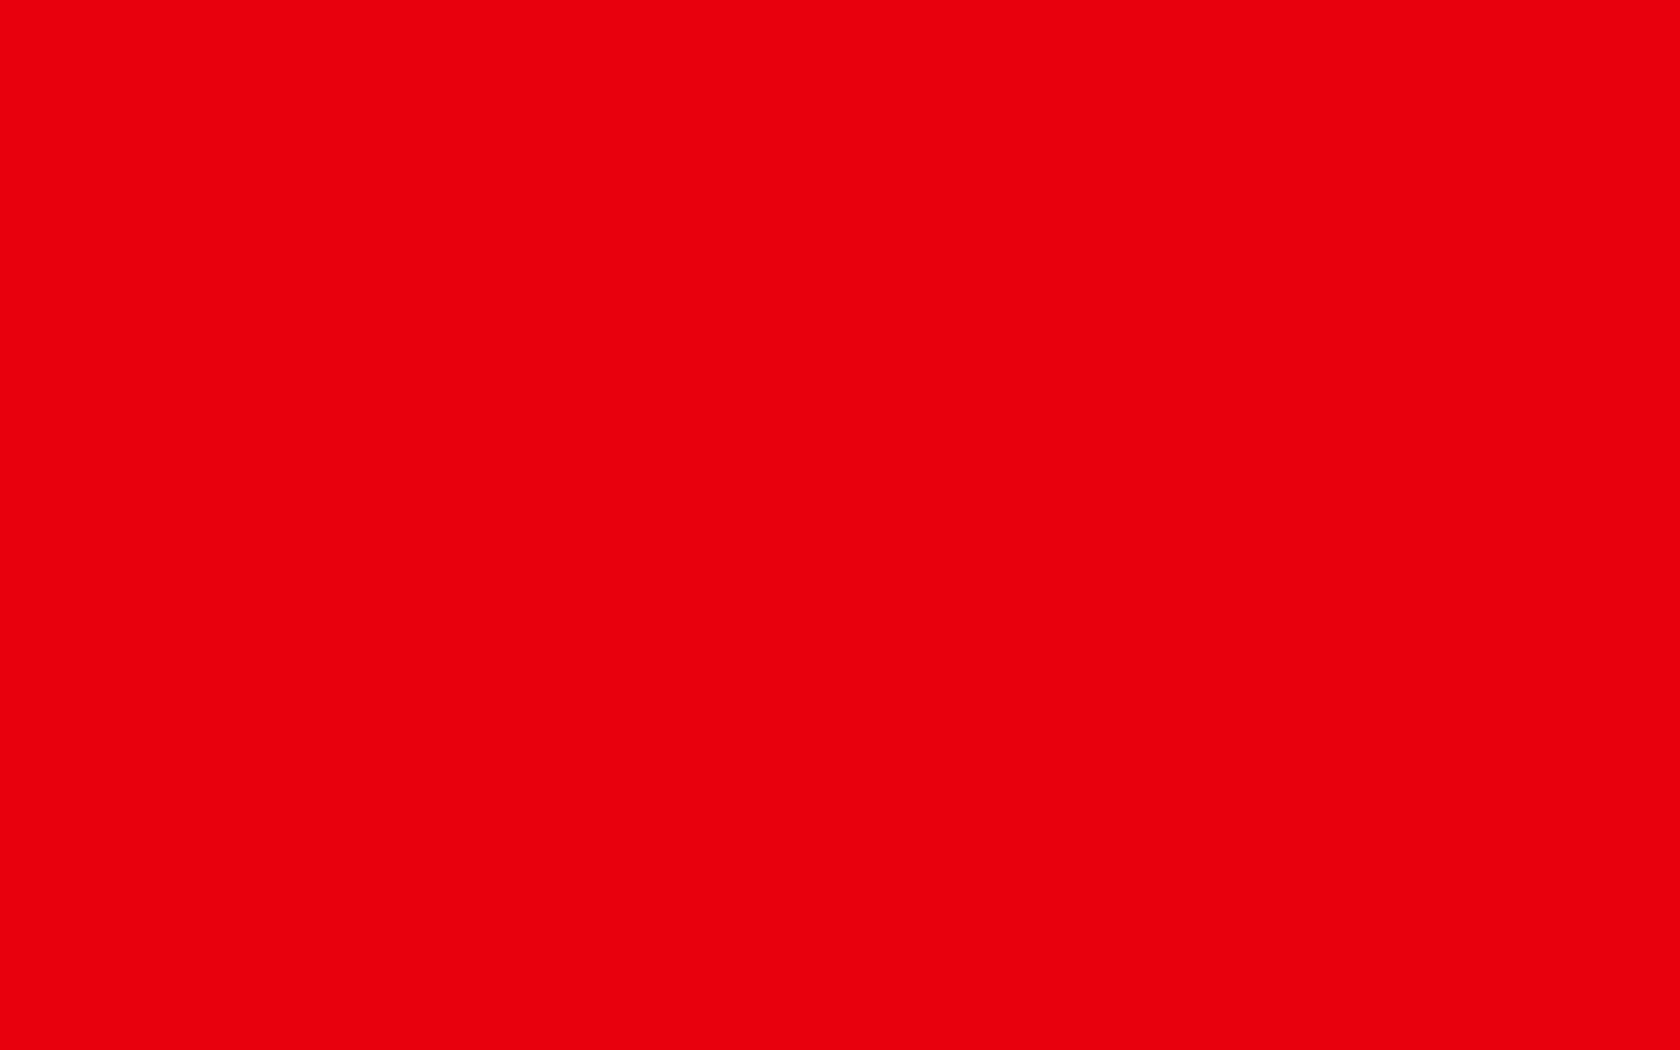 1680x1050 KU Crimson Solid Color Background